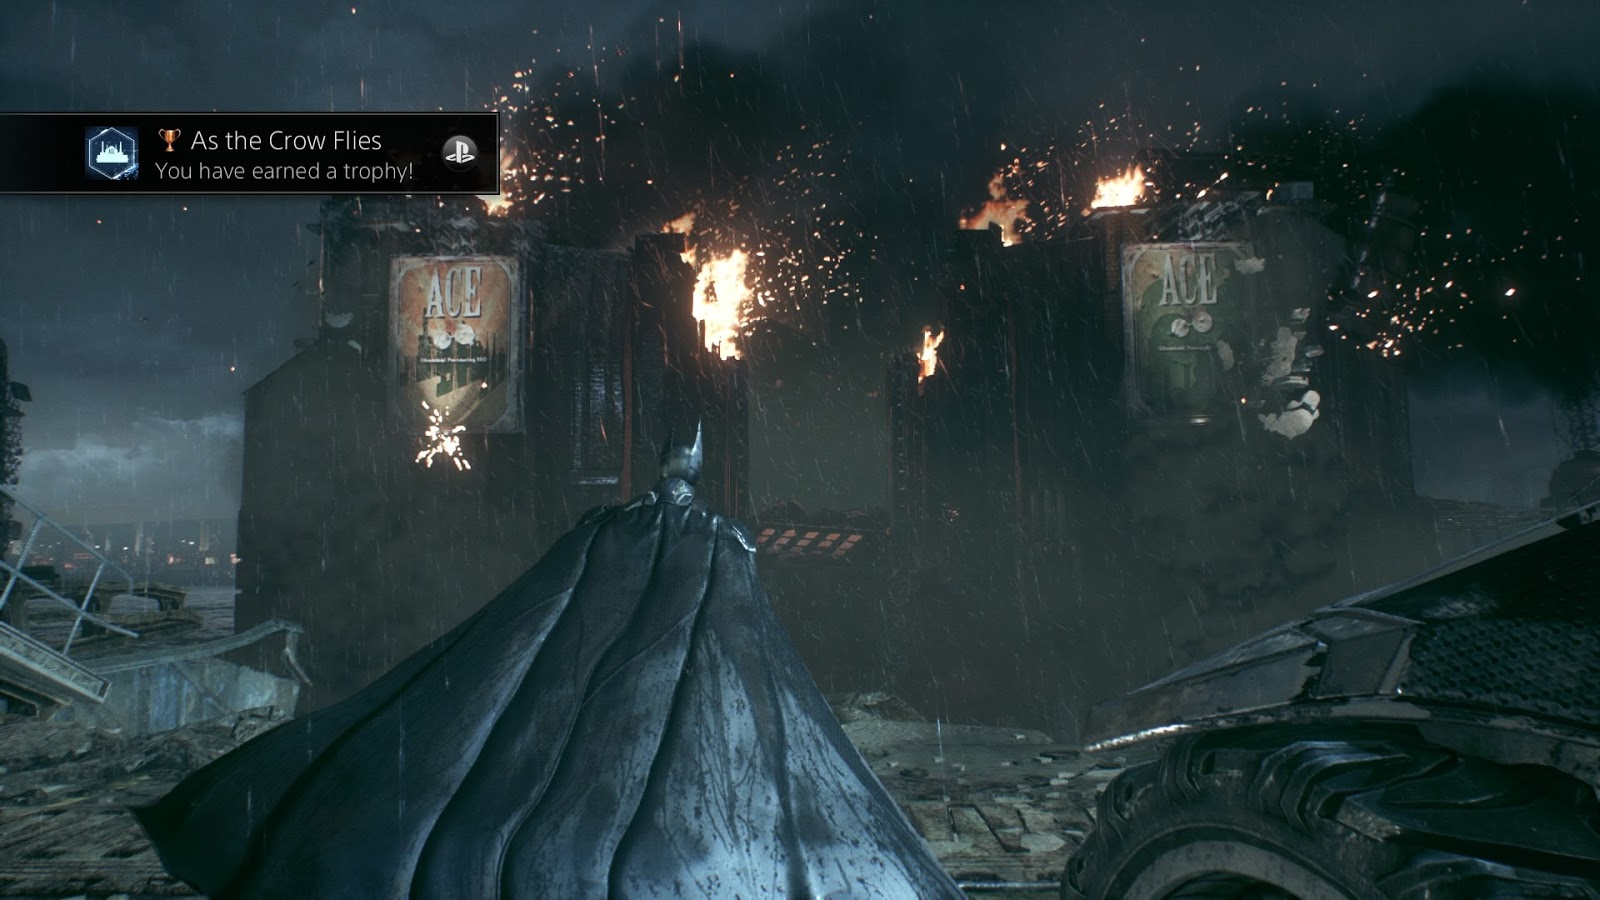 Batman Arkham City Escape Gcpd Building